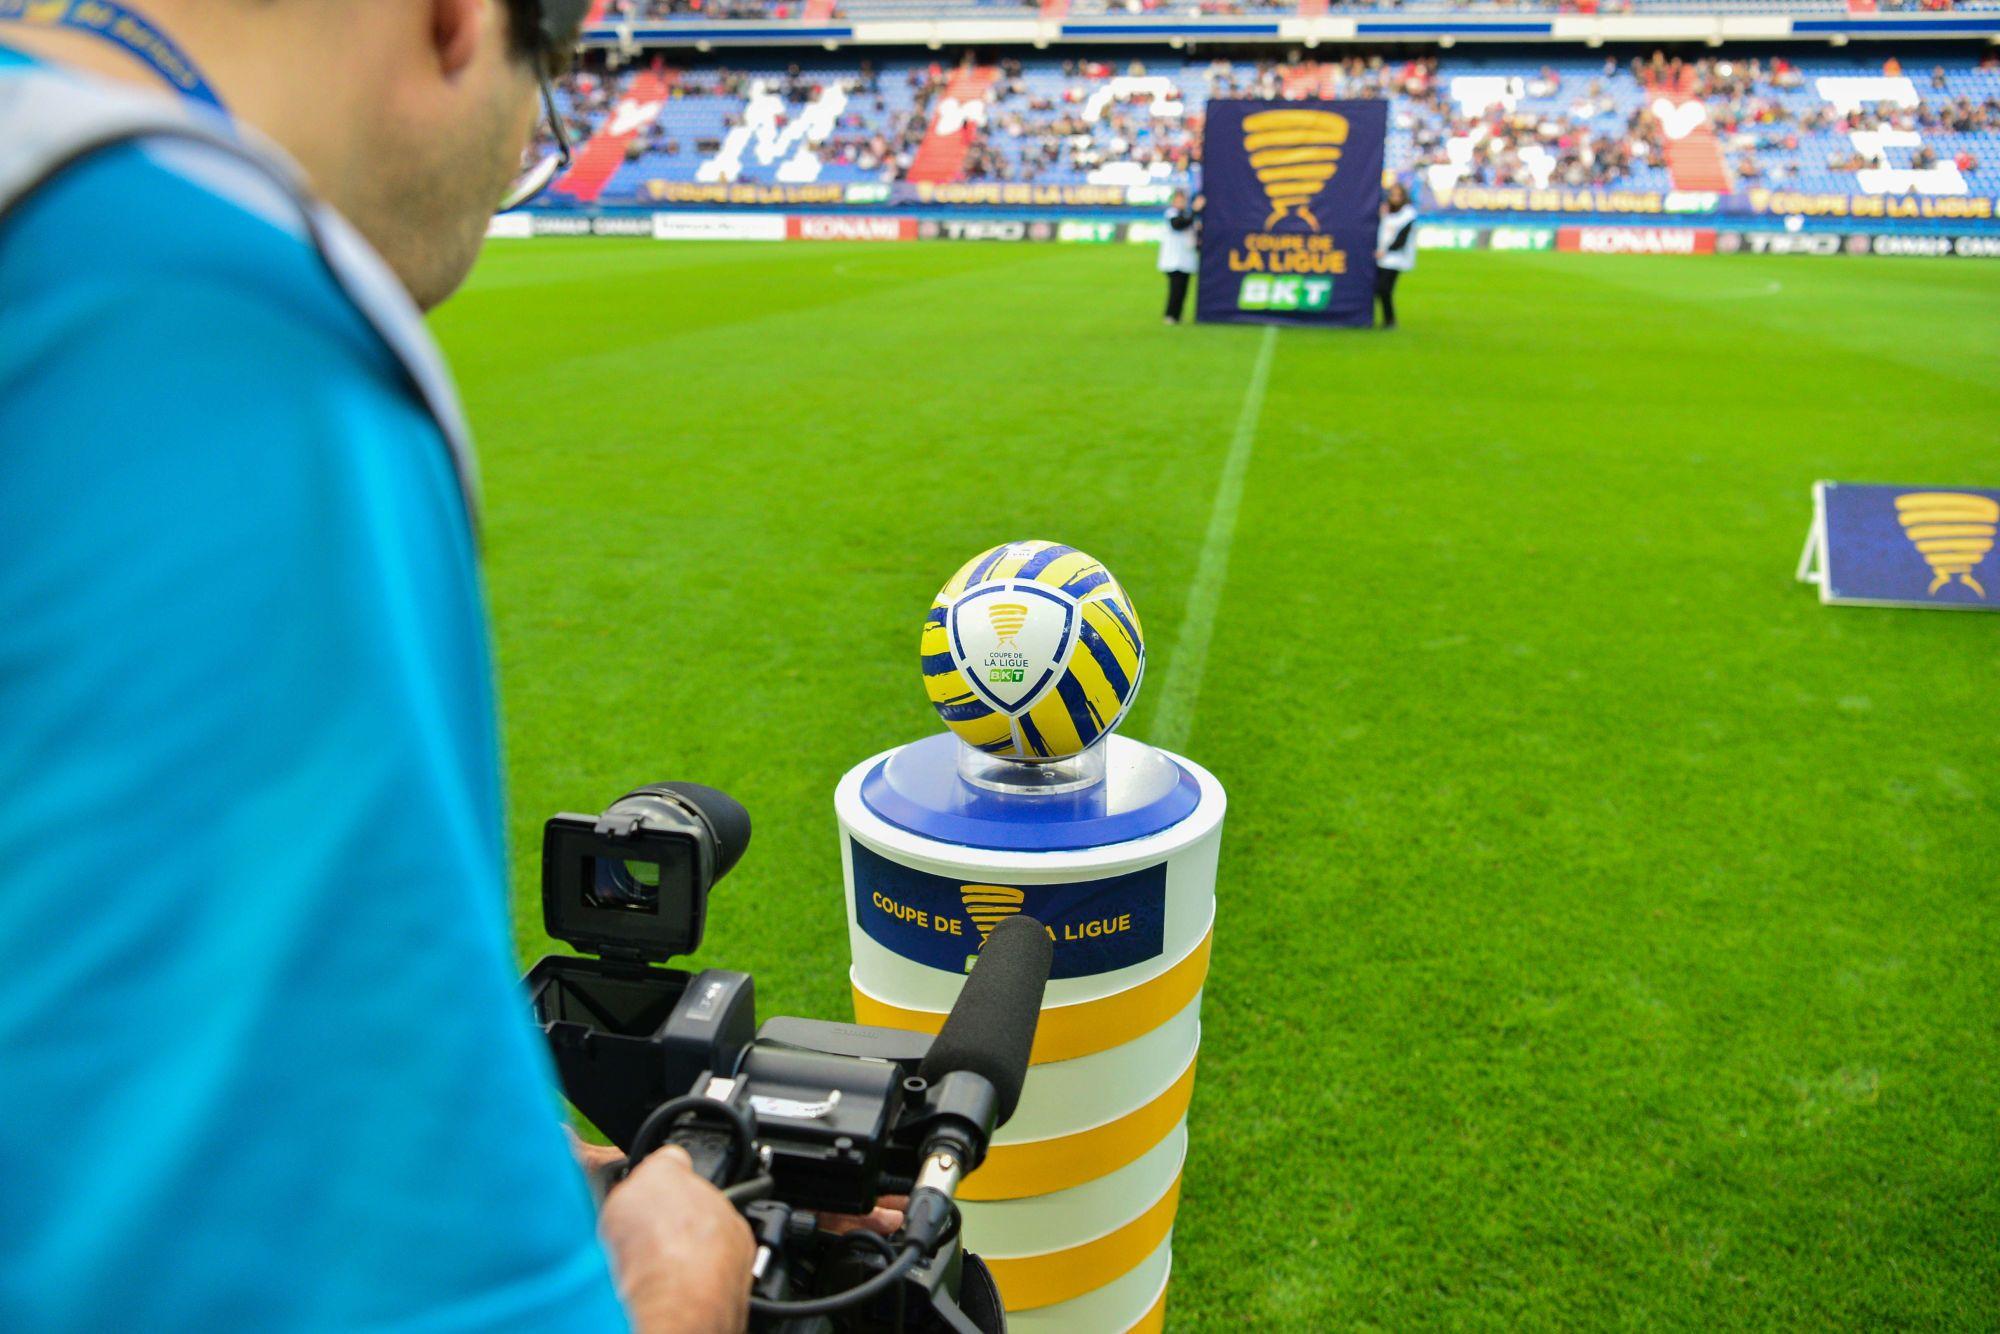 France Télévisions pourrait diffuser la Ligue 2 en dernier recours